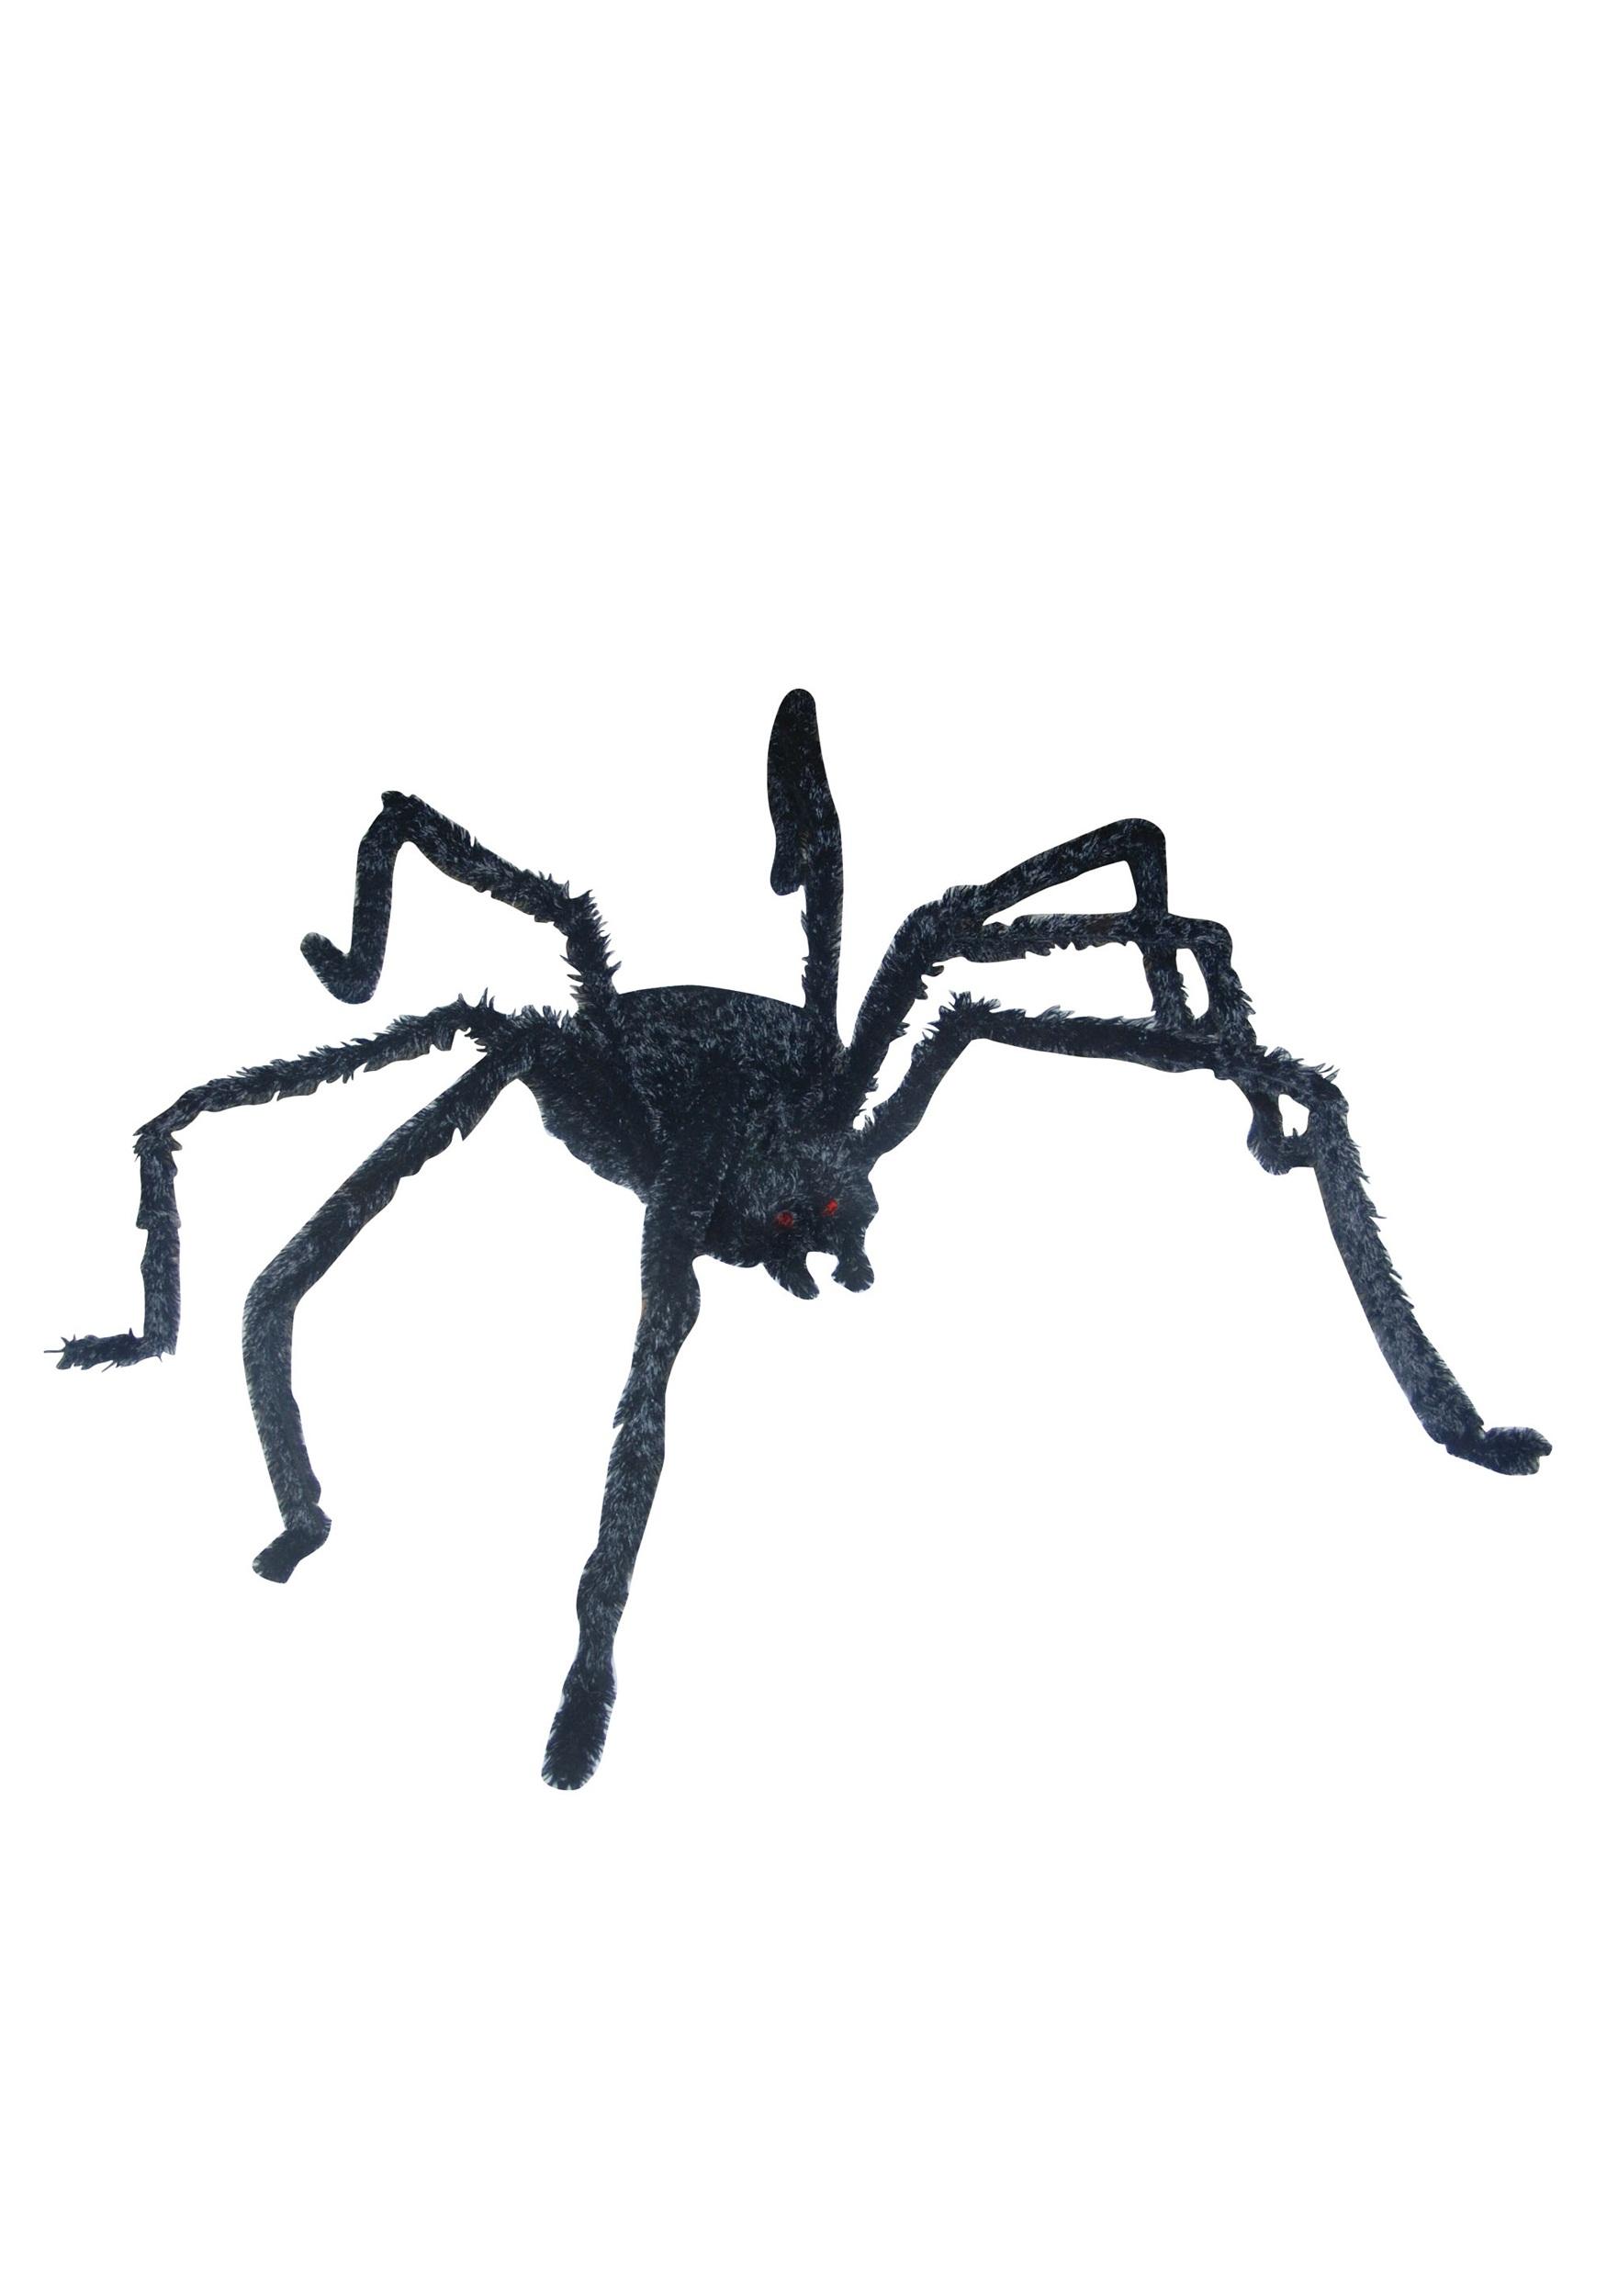 Giant Halloween Spiders